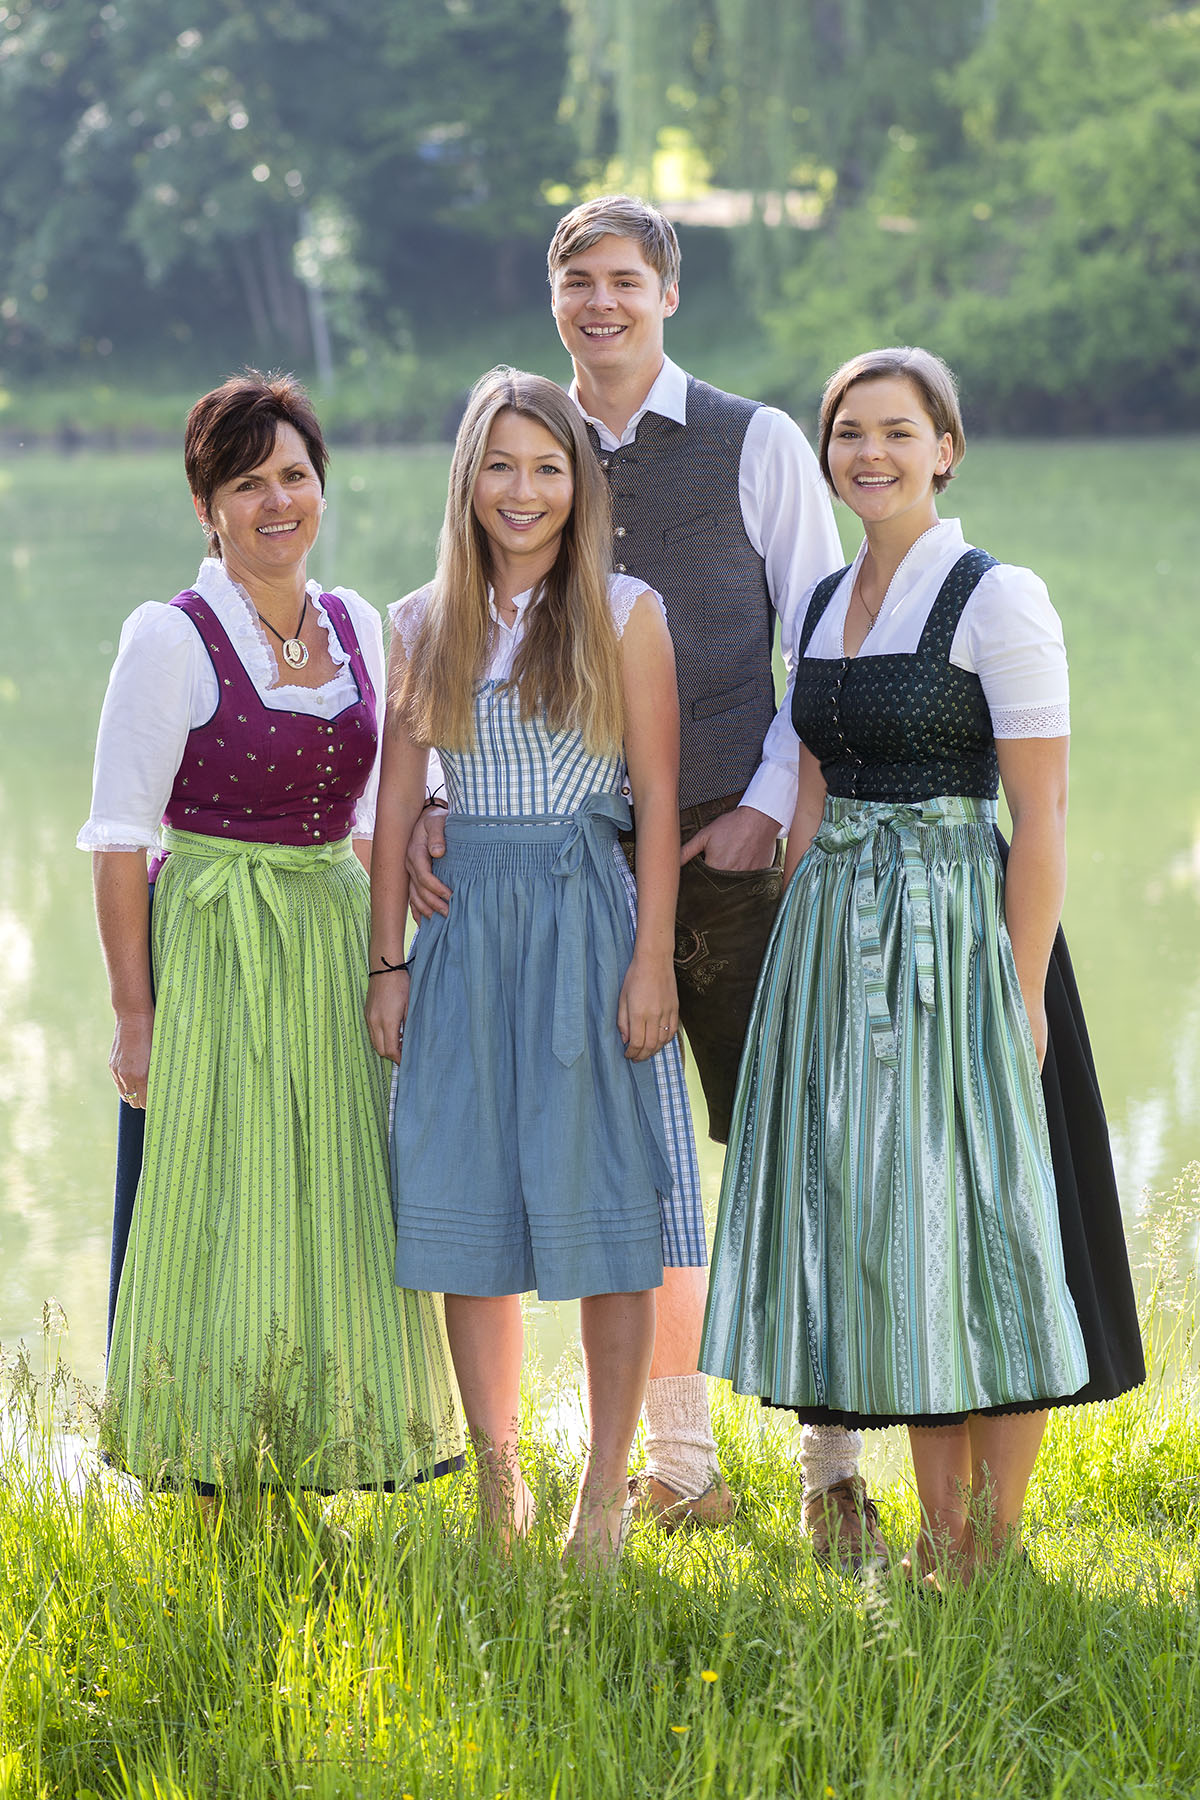 Familienfoto-Outdoor-Traunstein-Chiemgau-006